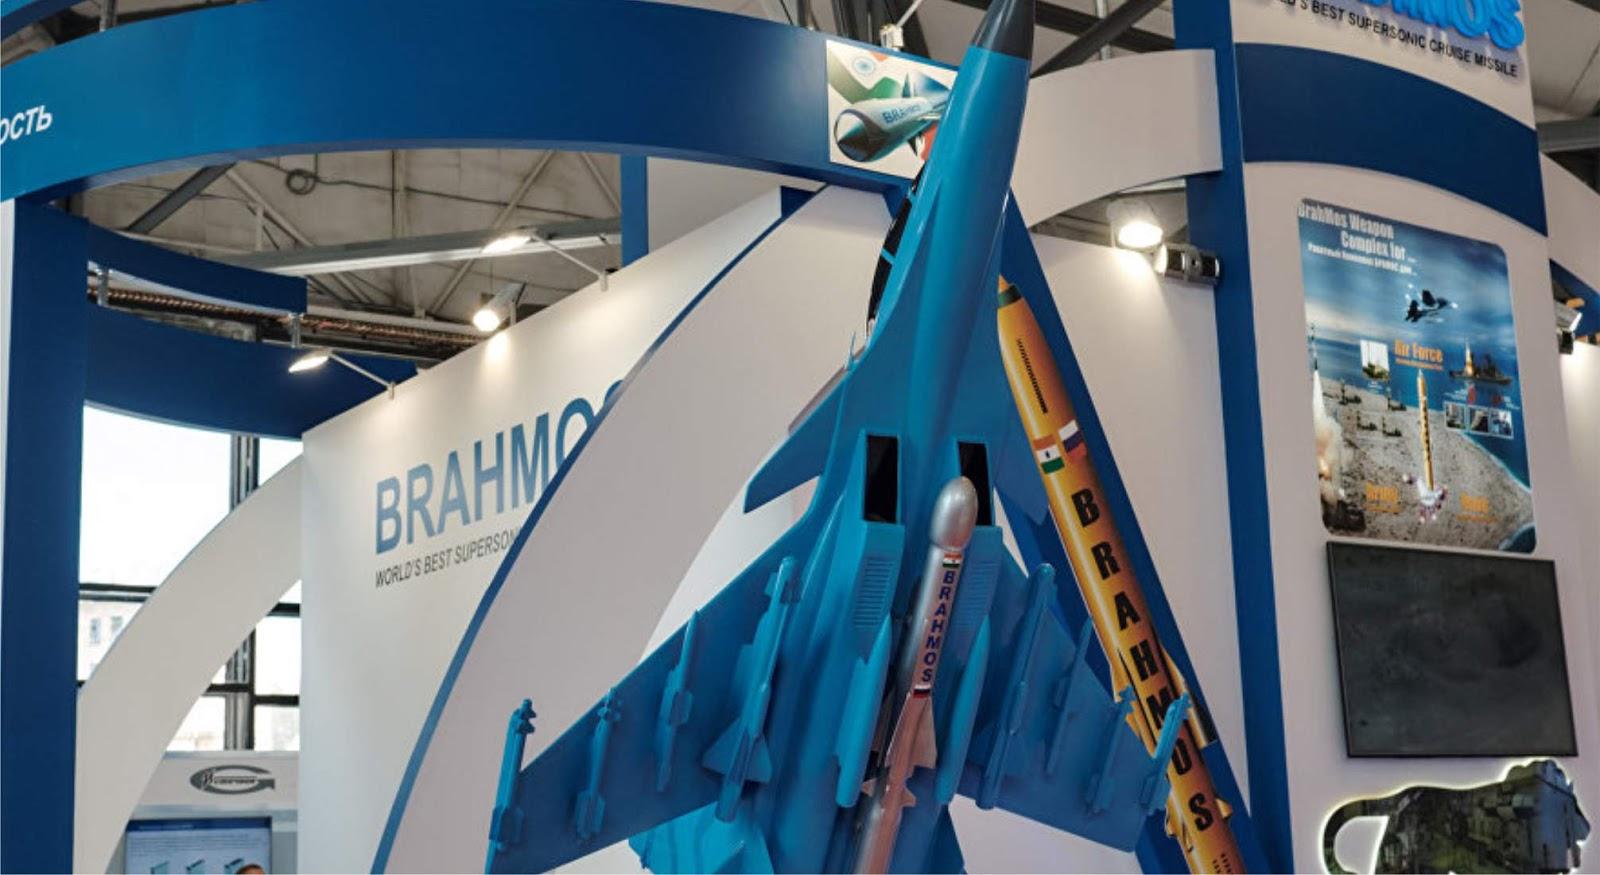 India berhasil menguji rudal jelajah BrahMos